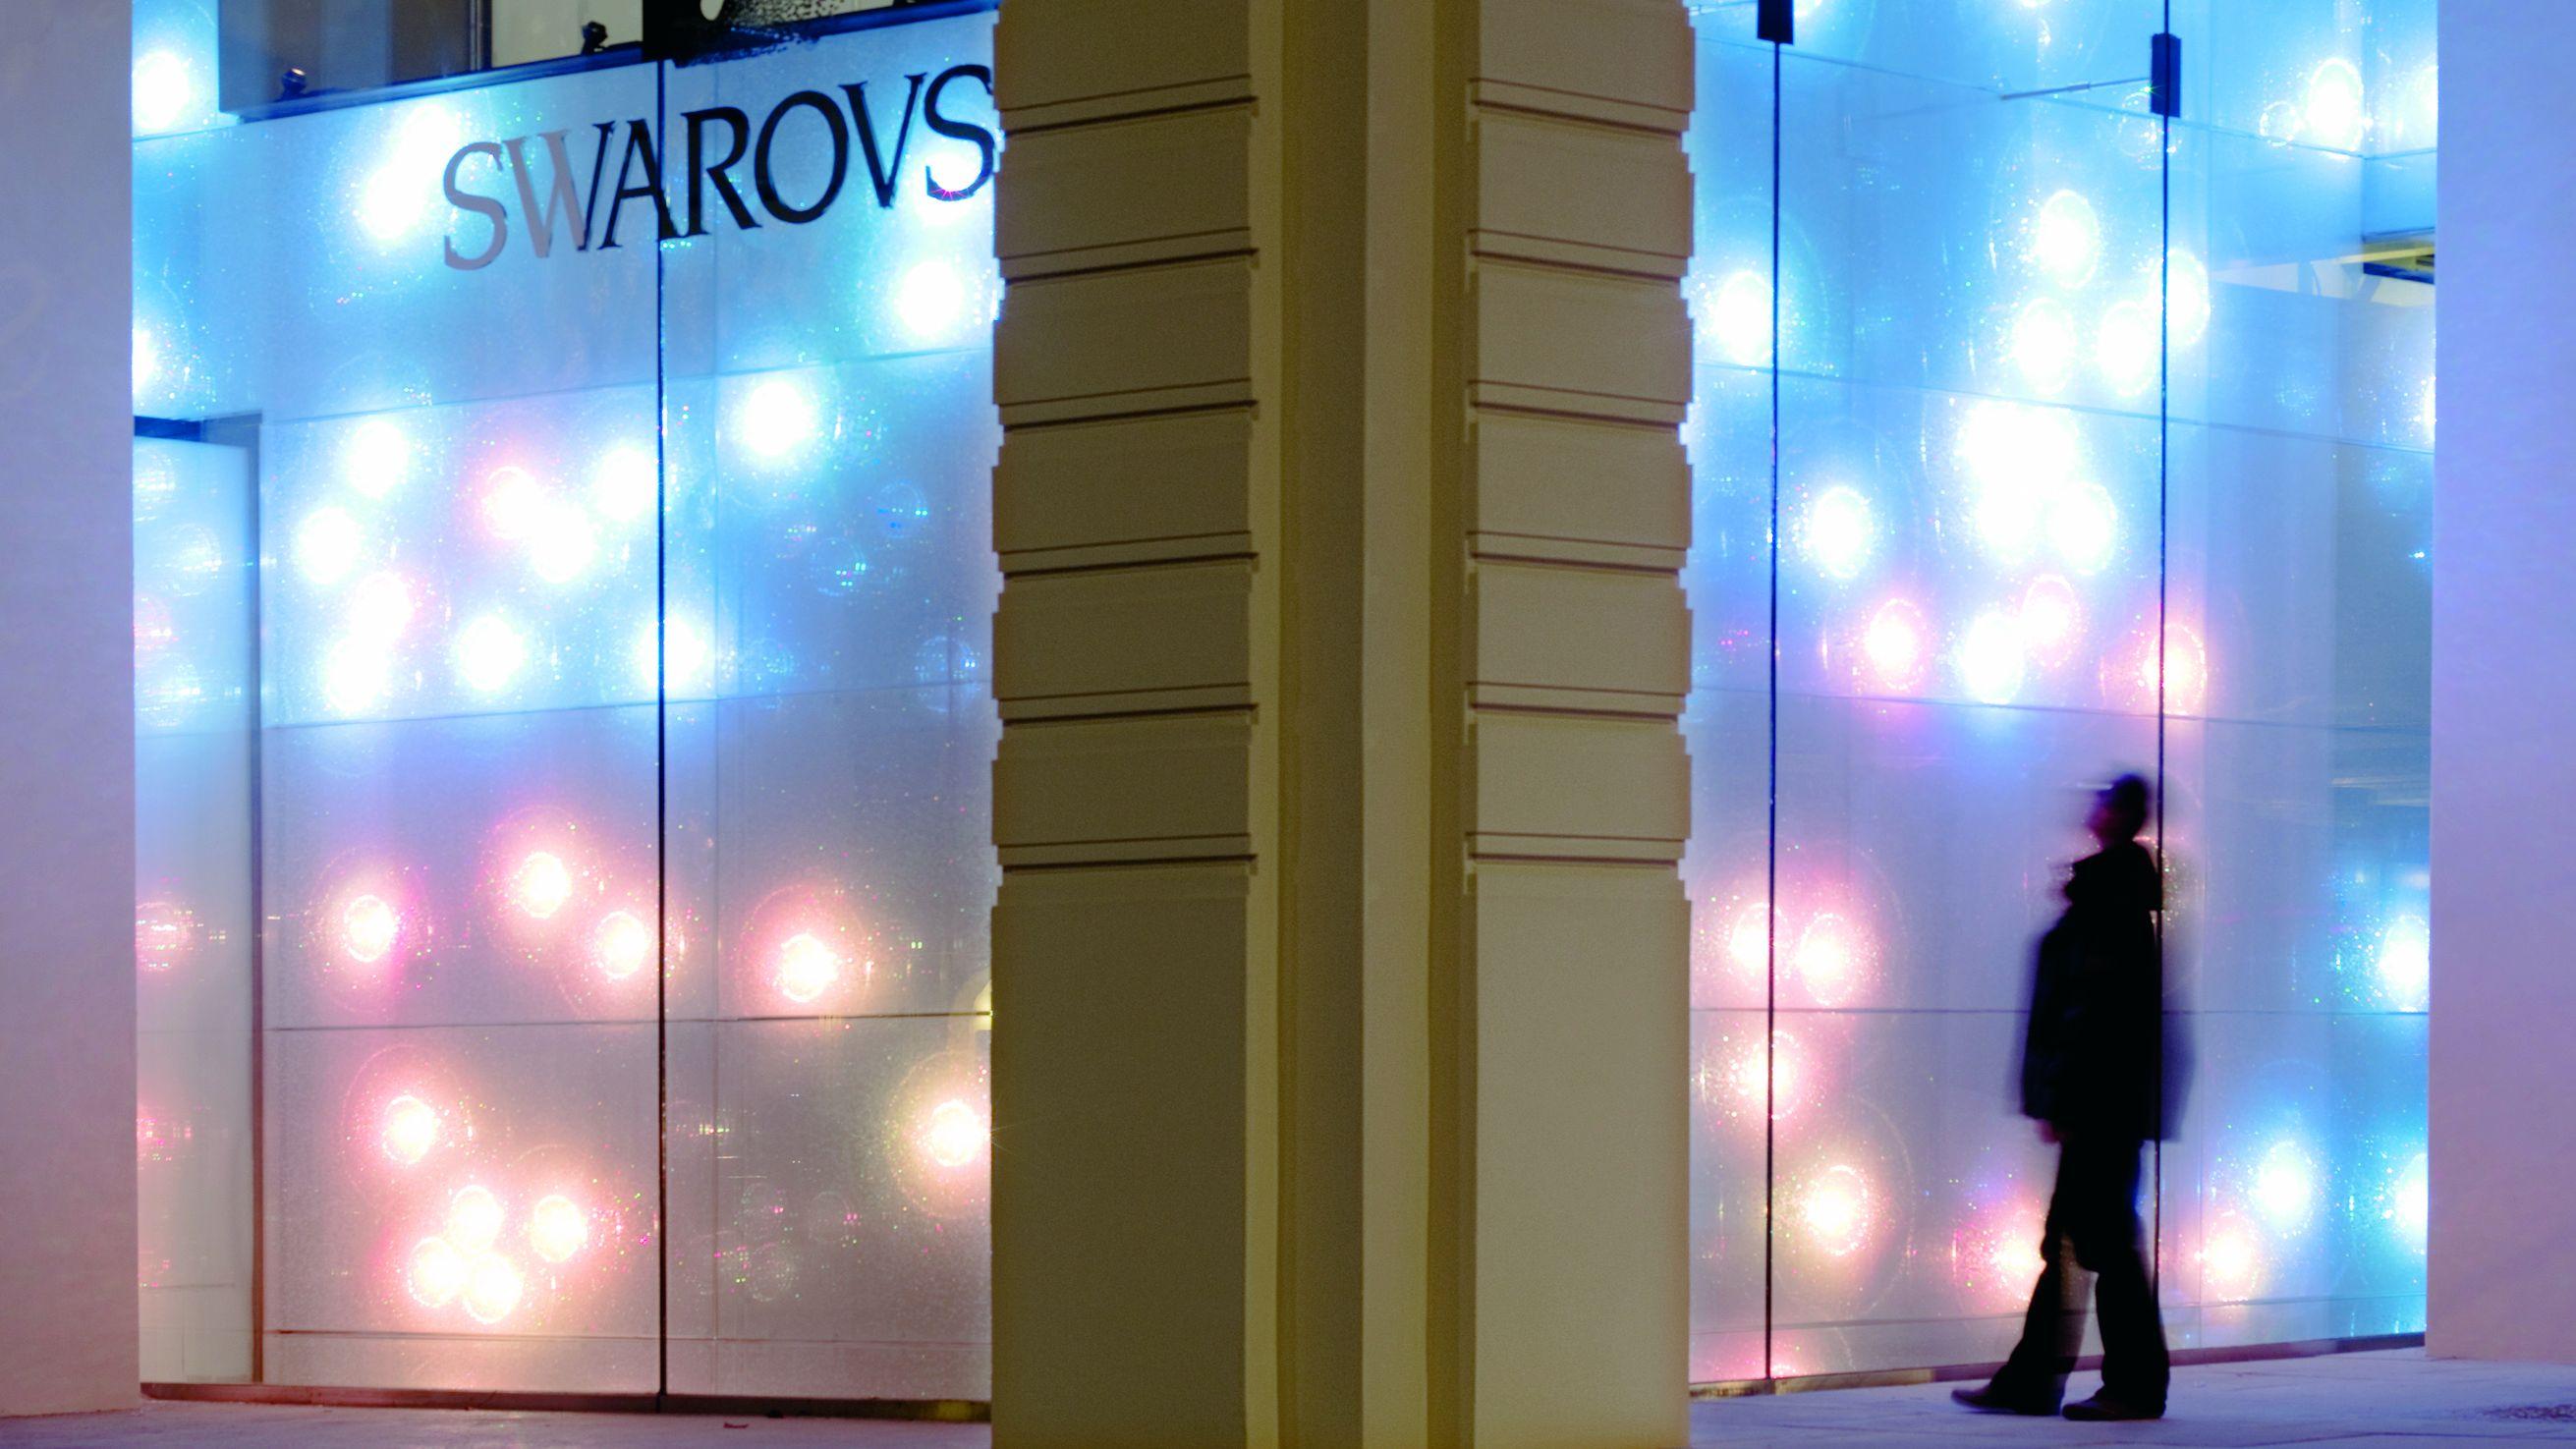 Kahlschlag-Swarovski-schlie-t-jeden-dritten-Shop-in-sterreich